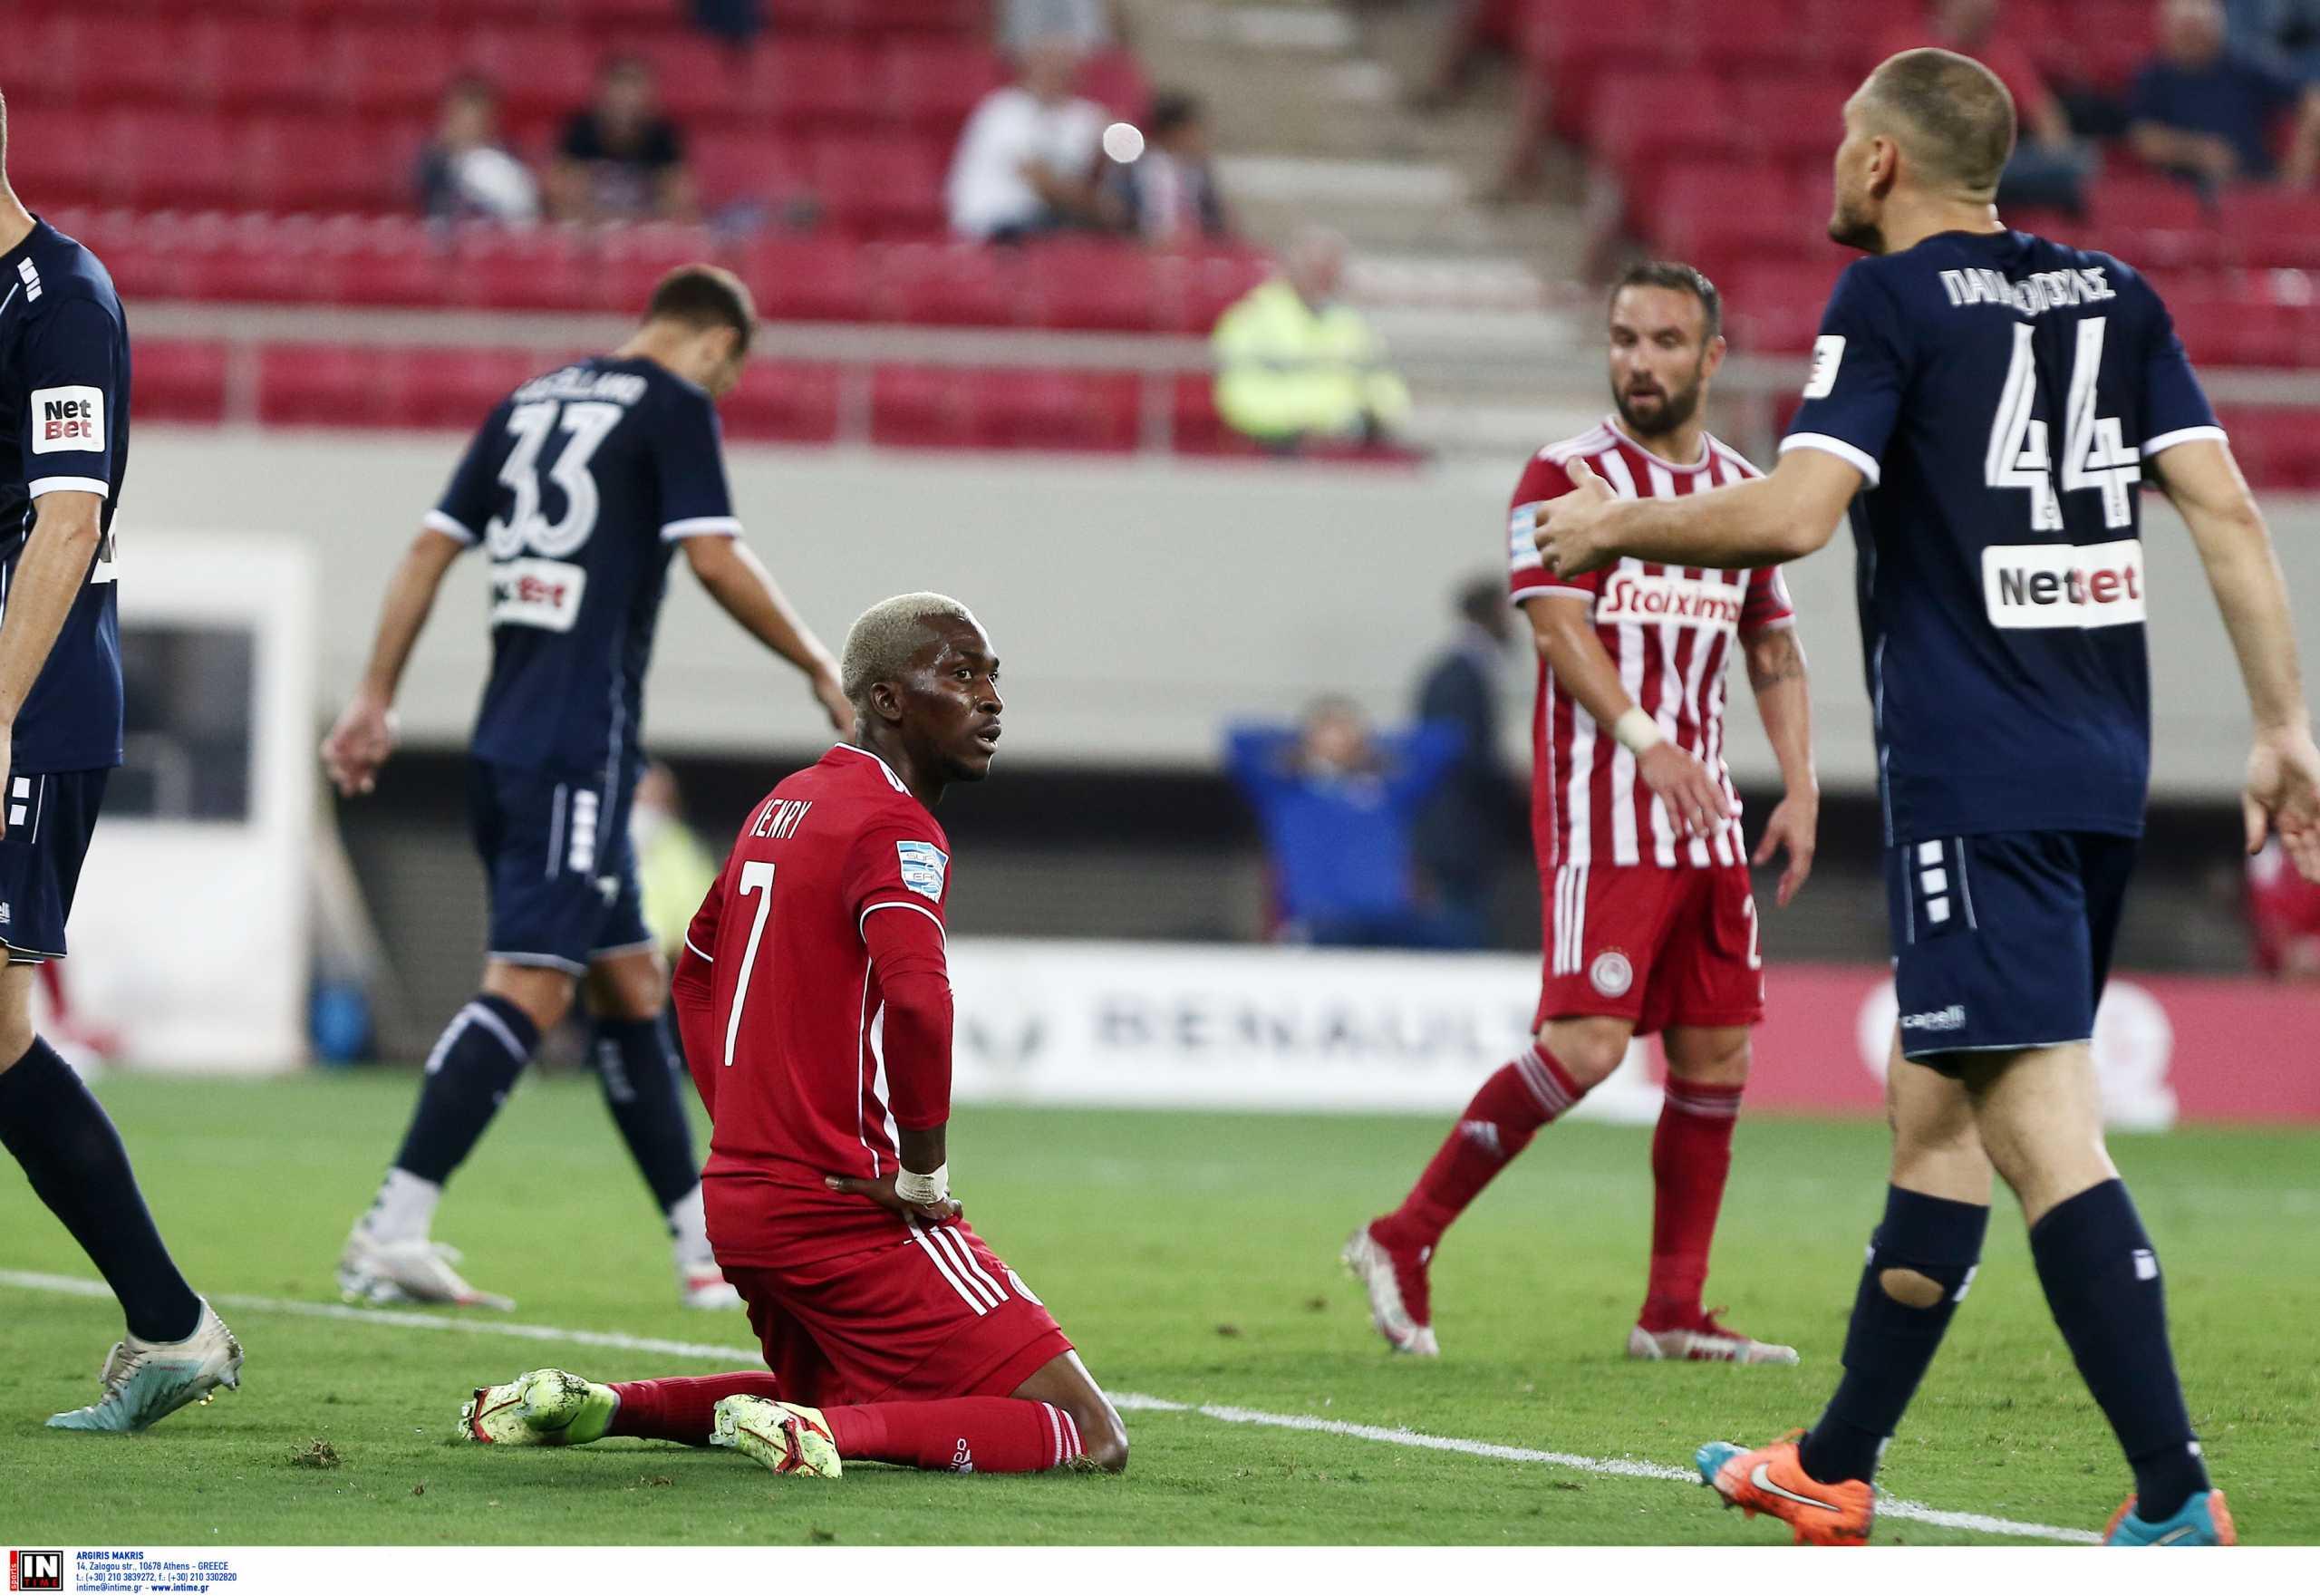 Ολυμπιακός – Ατρόμητος 0-0: «Άσφαιροι» στην πρεμιέρα οι Πειραιώτες